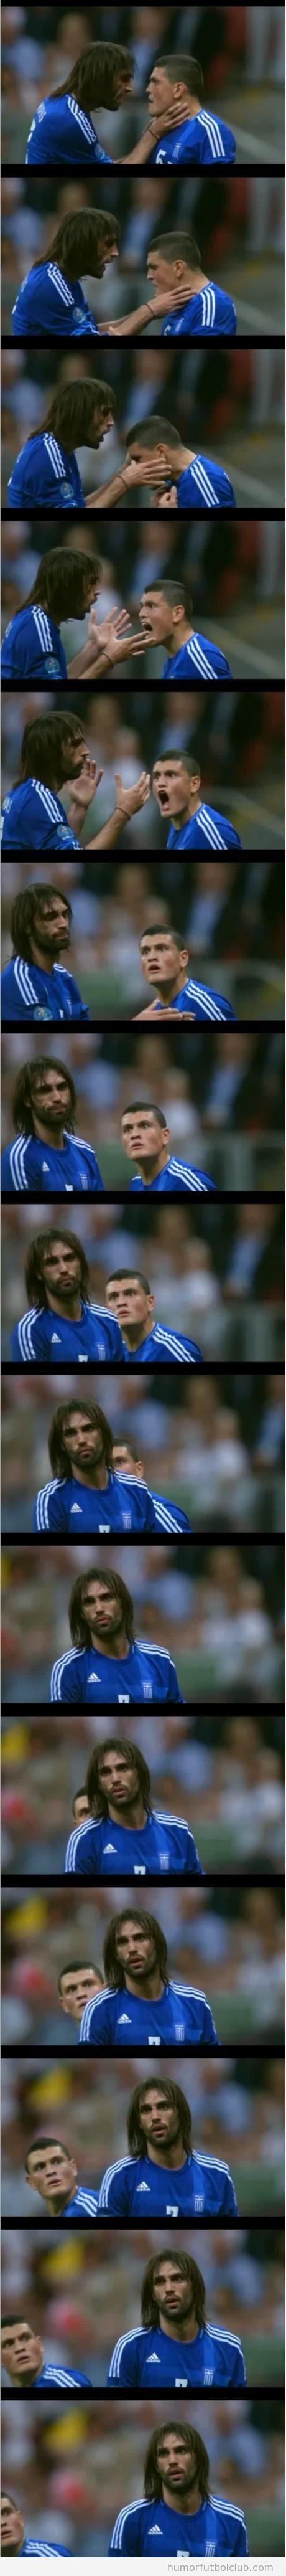 Futbolista Samaras coge del cuello a su compañero de equipo Papadopoulos en Eurocopa 2012